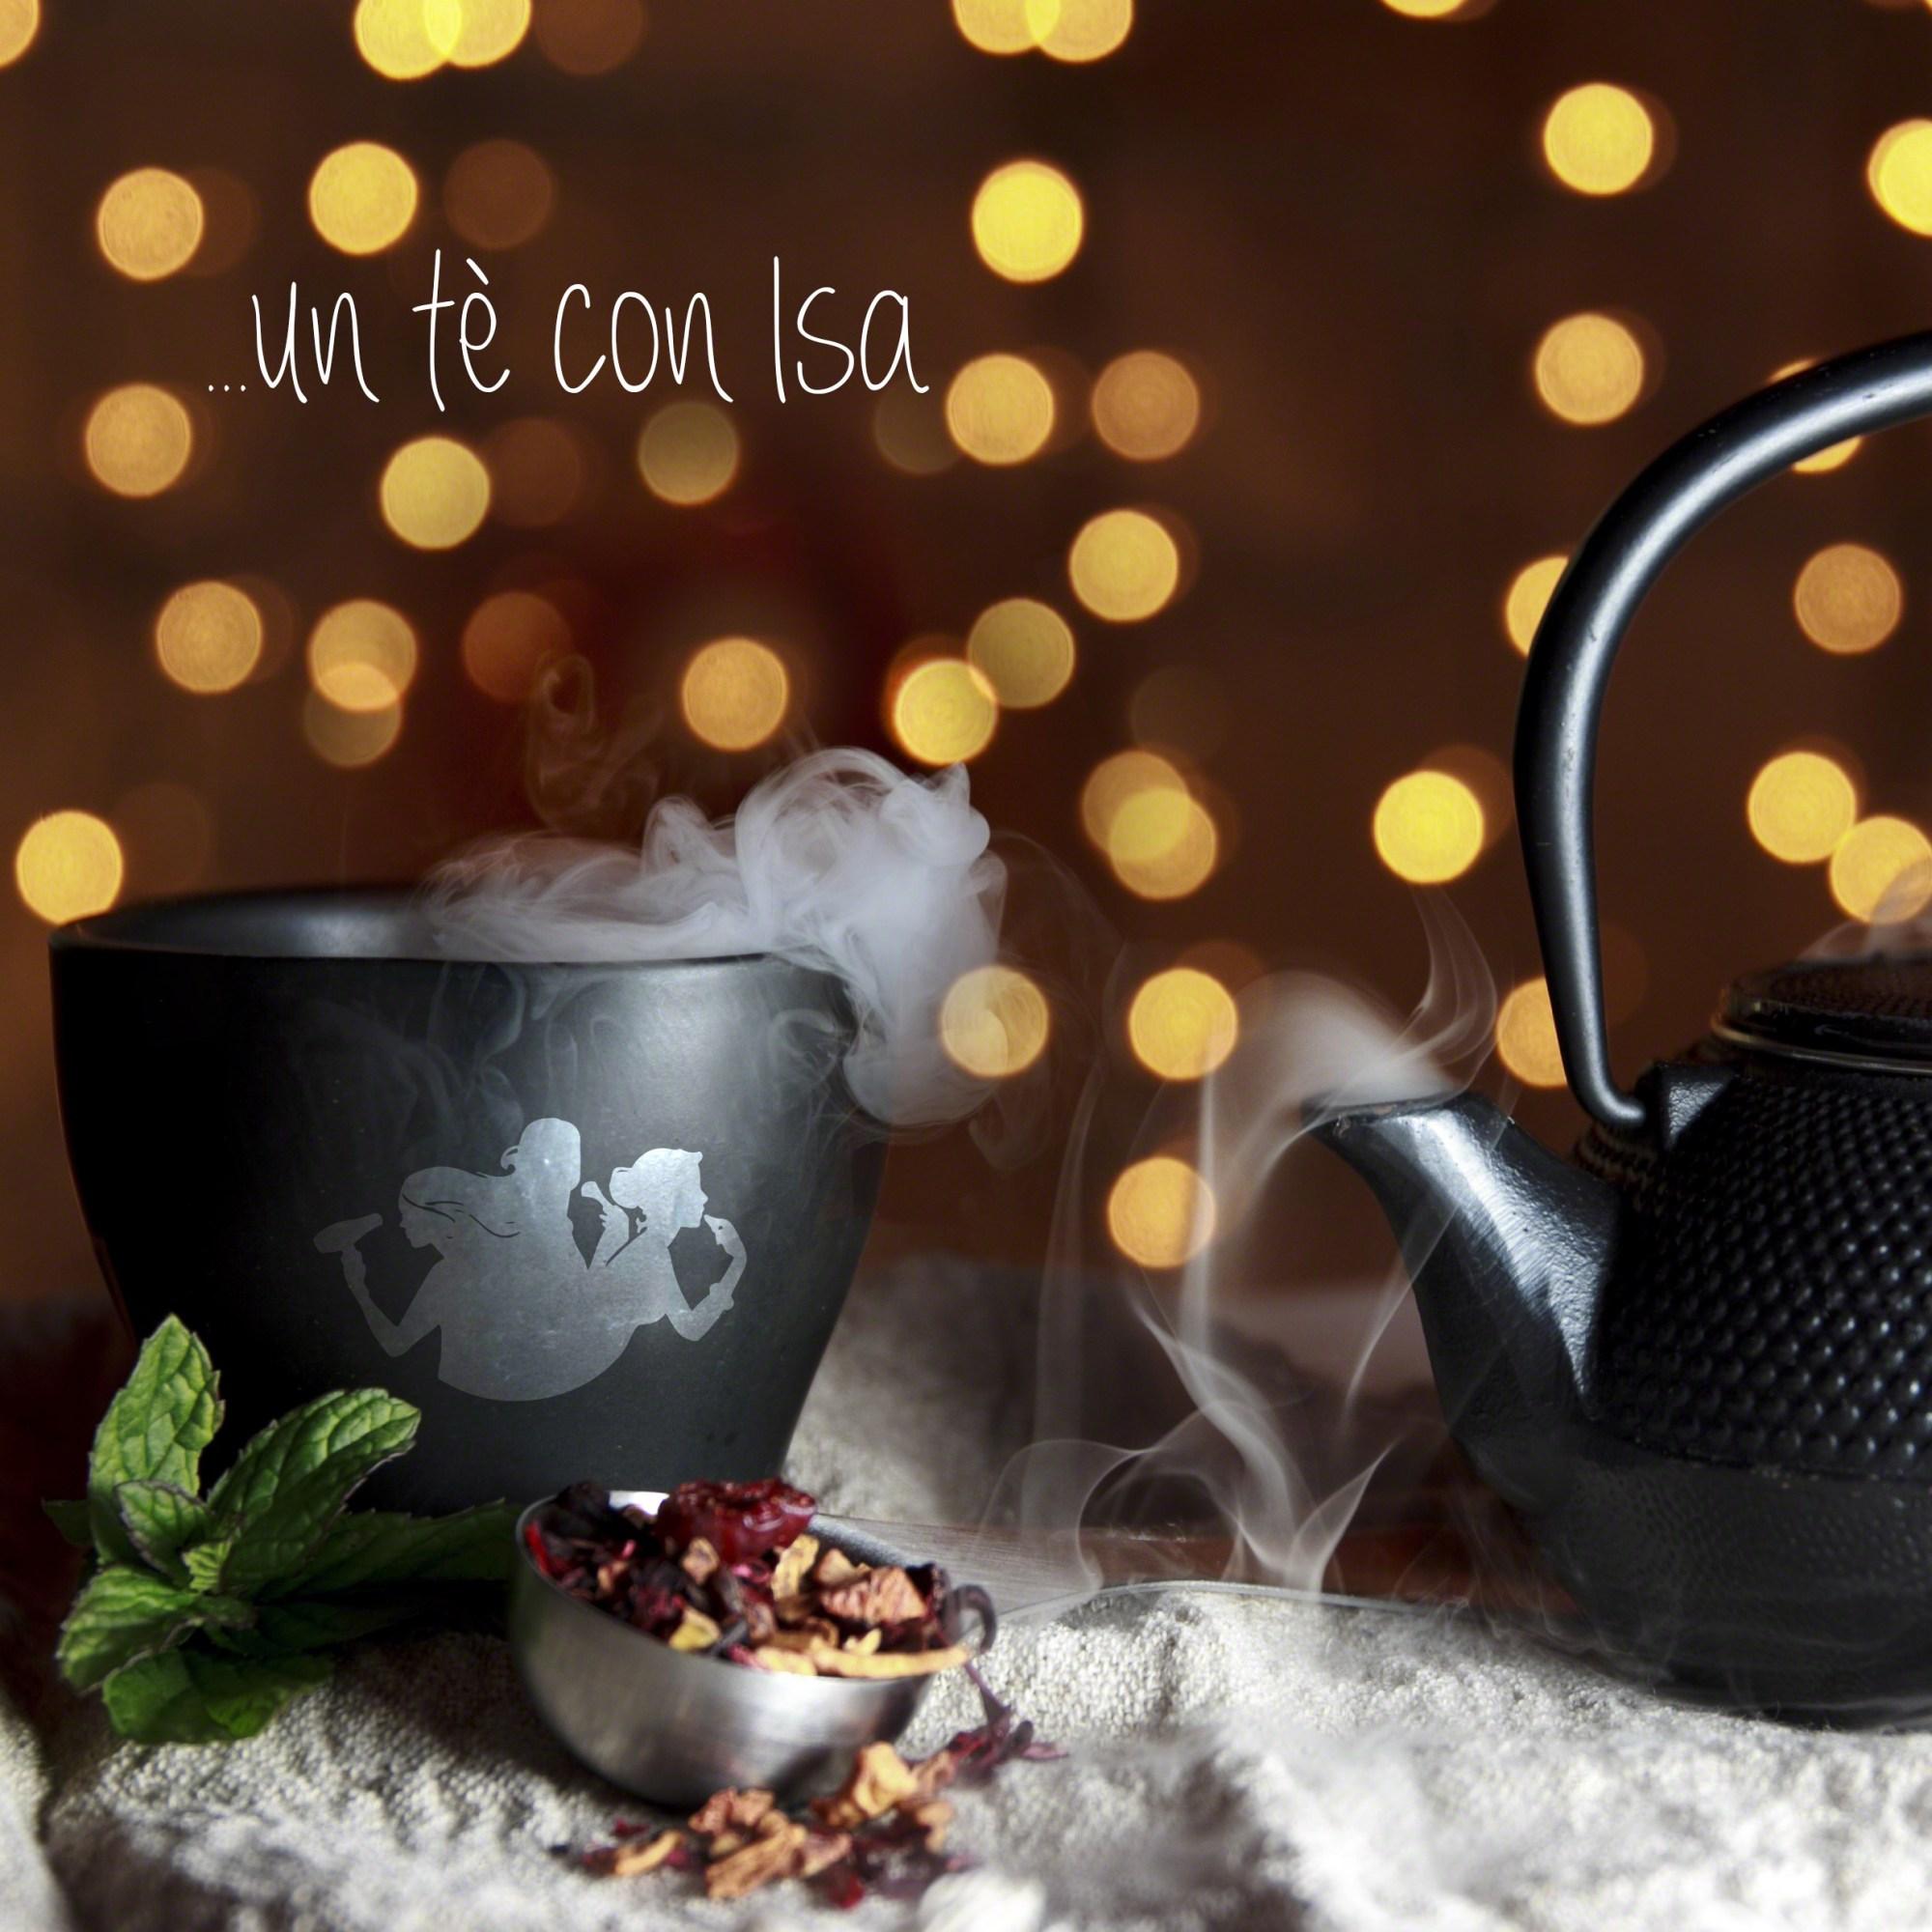 Piante contro i disturbi da raffreddamento [… un tè con Isa]